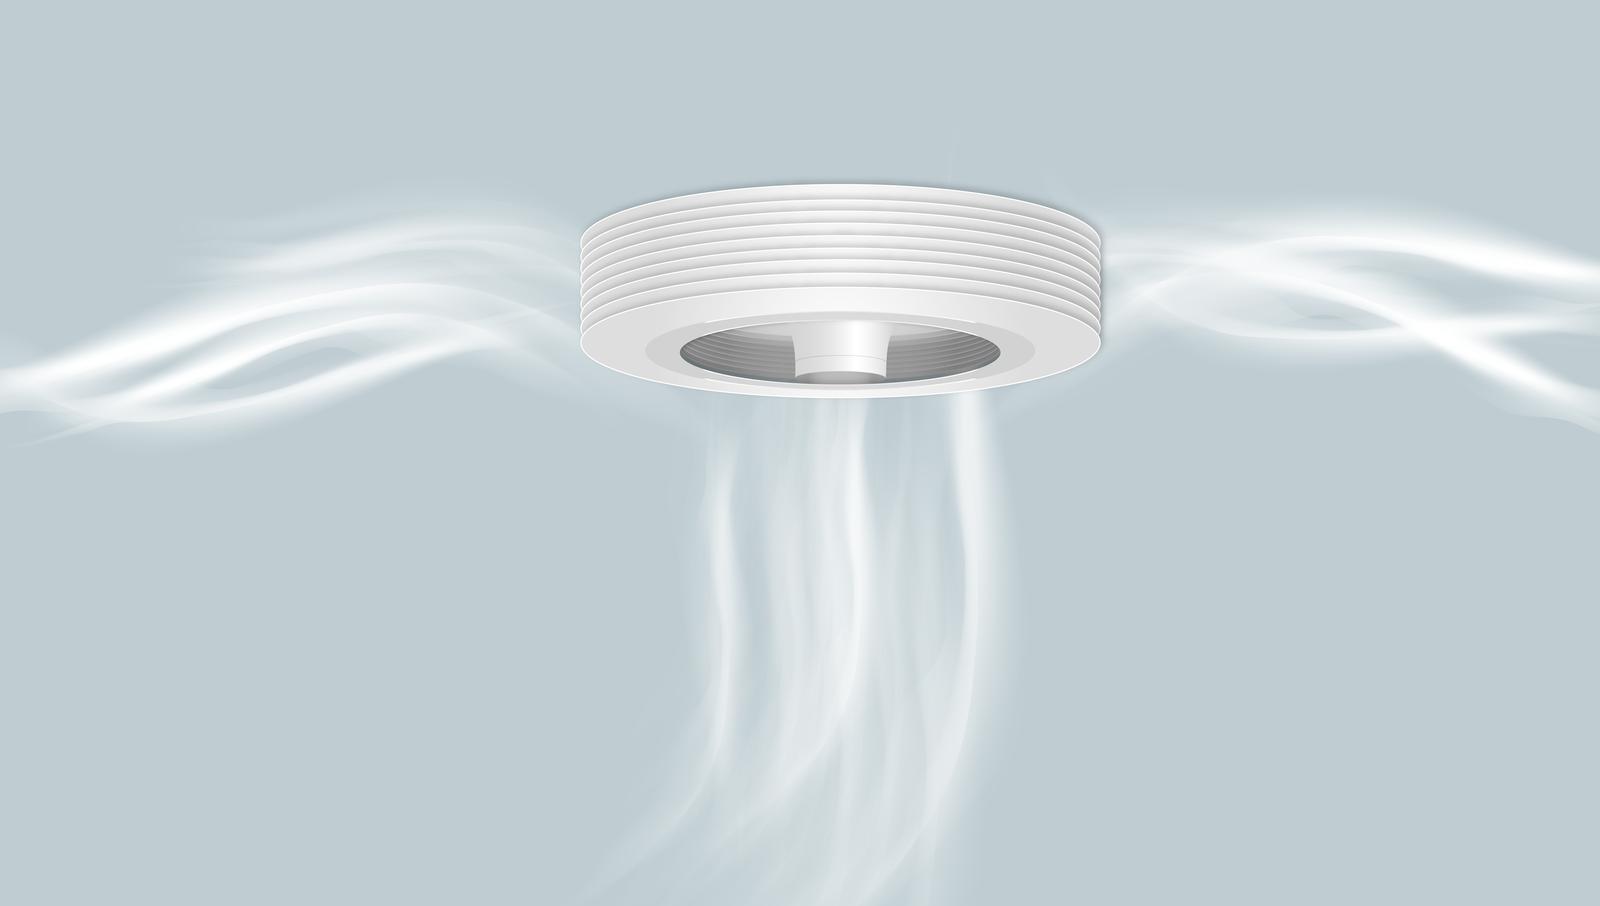 Exhale Le Ventilateur Connecte Sans Pale Avec Images Pale De Ventilateur Ventilateur Ventilateur Plafond